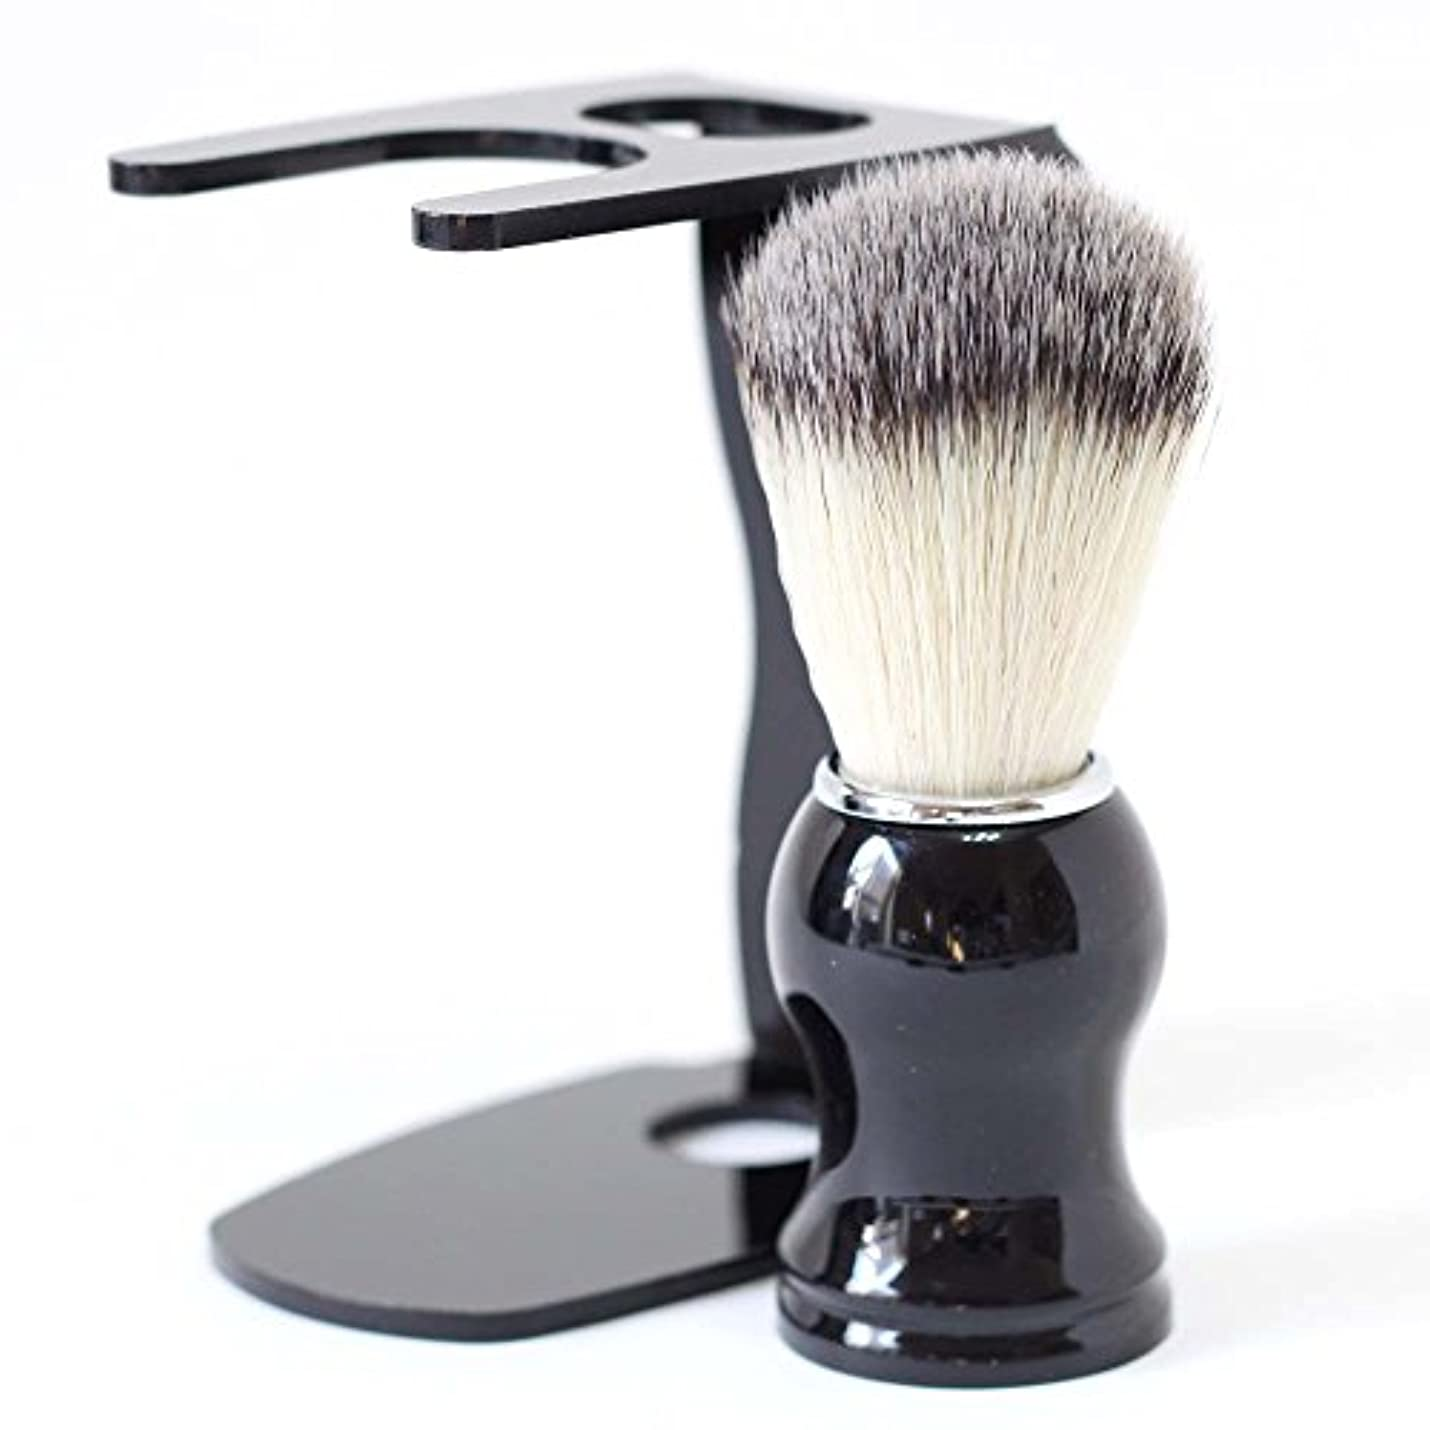 ルーに話すクライストチャーチ【Barsado】泡立ちが違う 100% アナグマ 毛 シェービング ブラシ スタンド付き/理容 洗顔 髭剃り マッサージ 効果